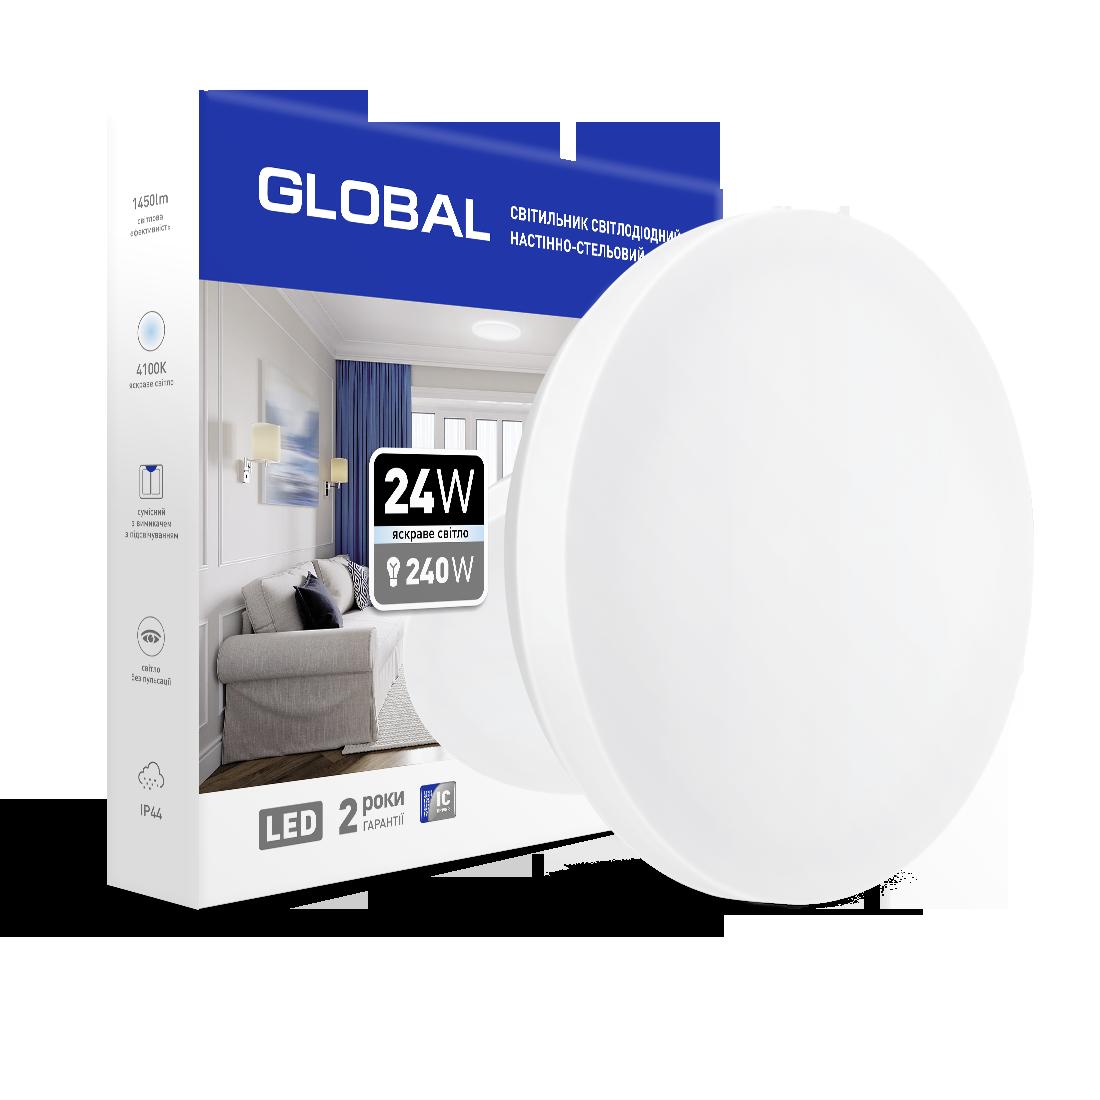 Накладний світильник GLOBAL 24W 4100К (захист IP44) коло